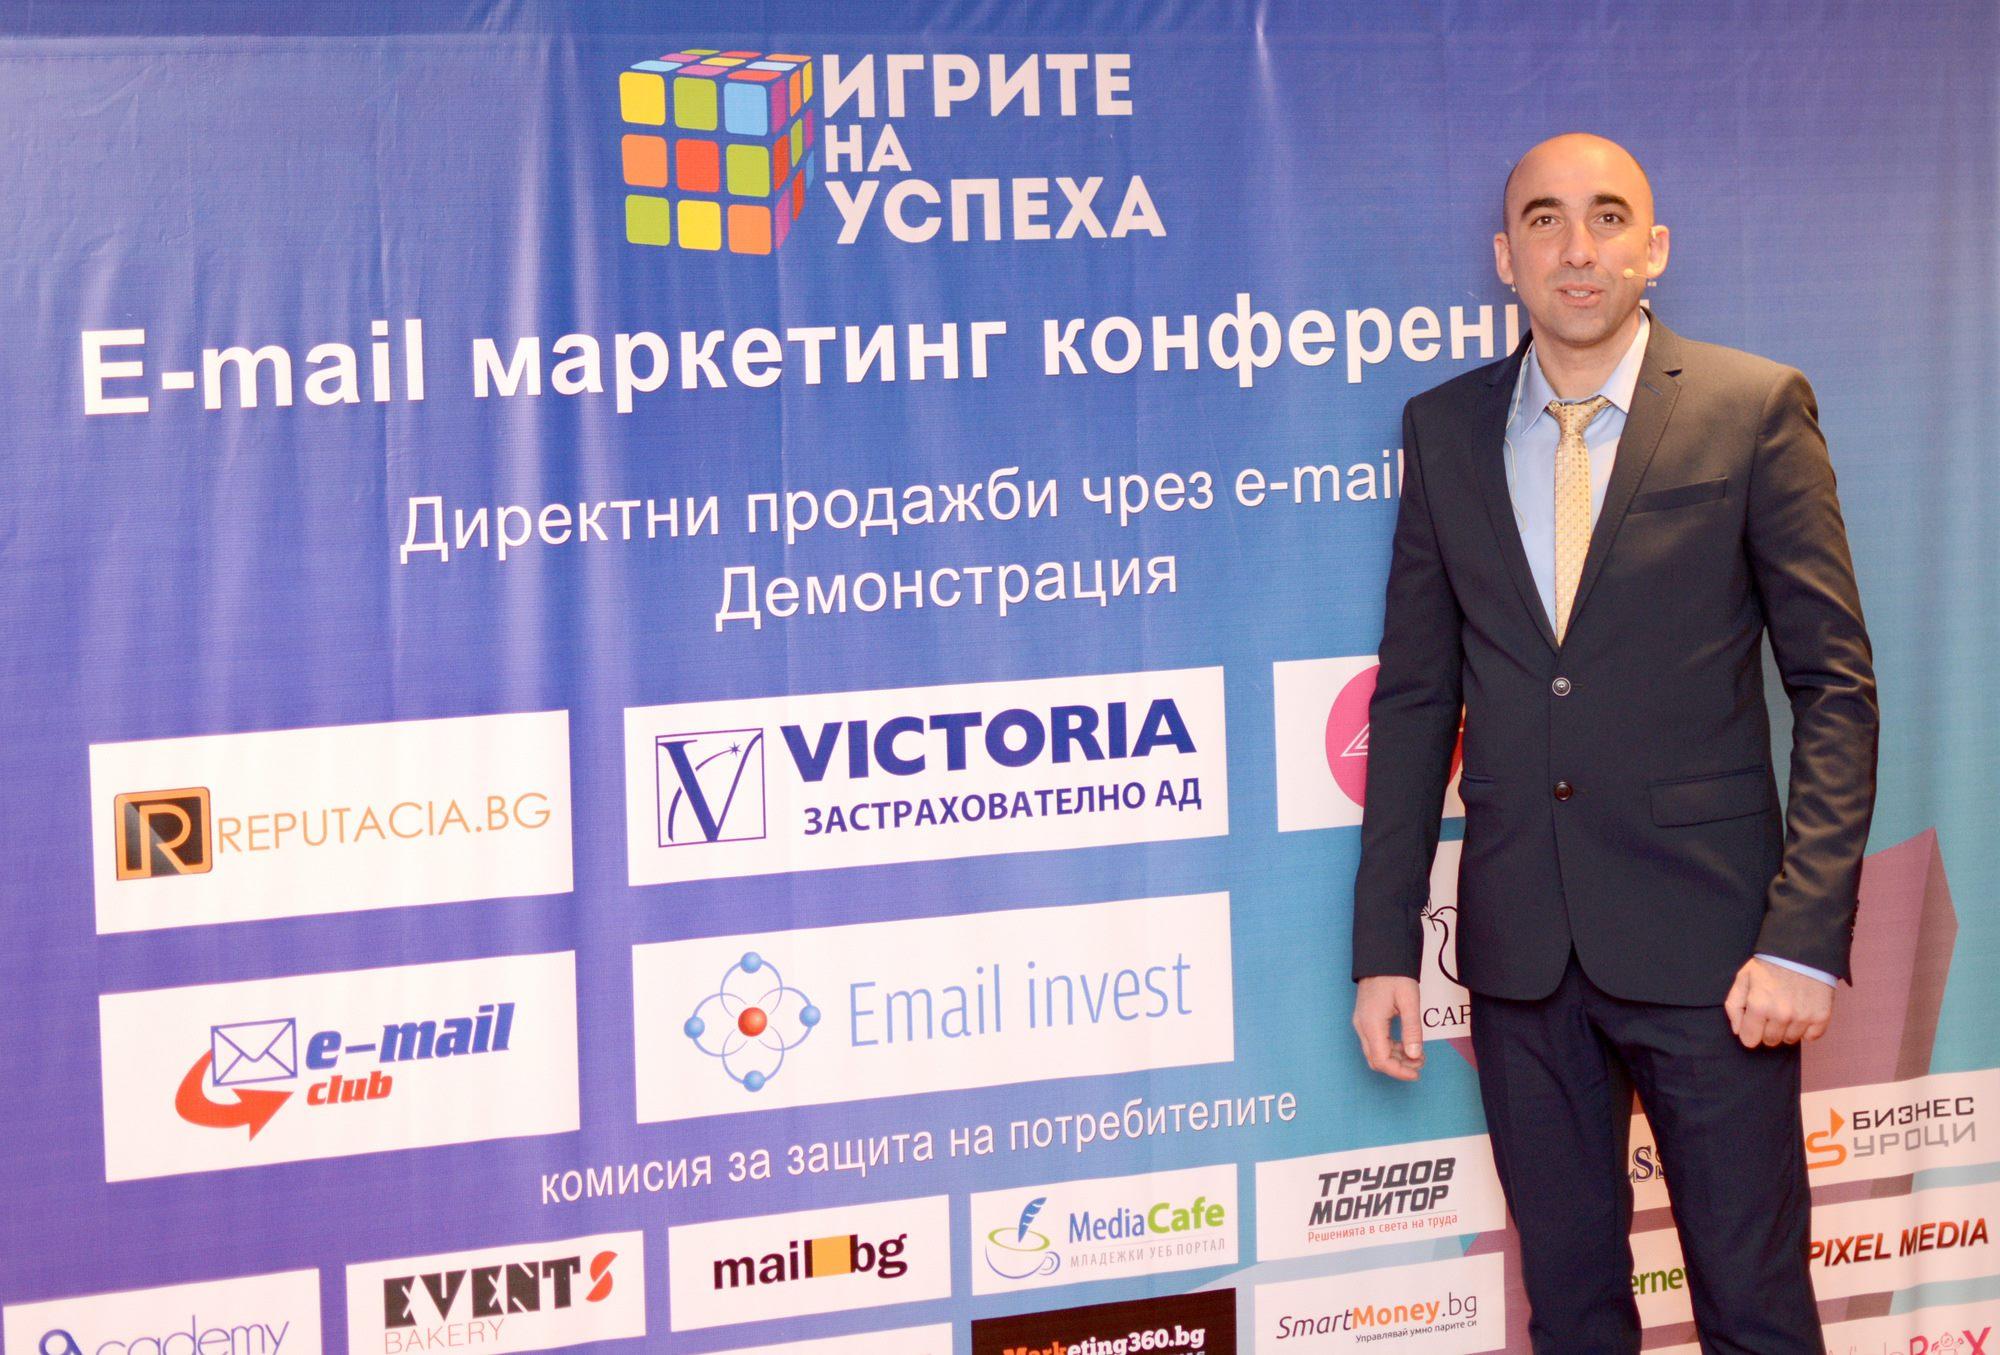 Георги Христулев